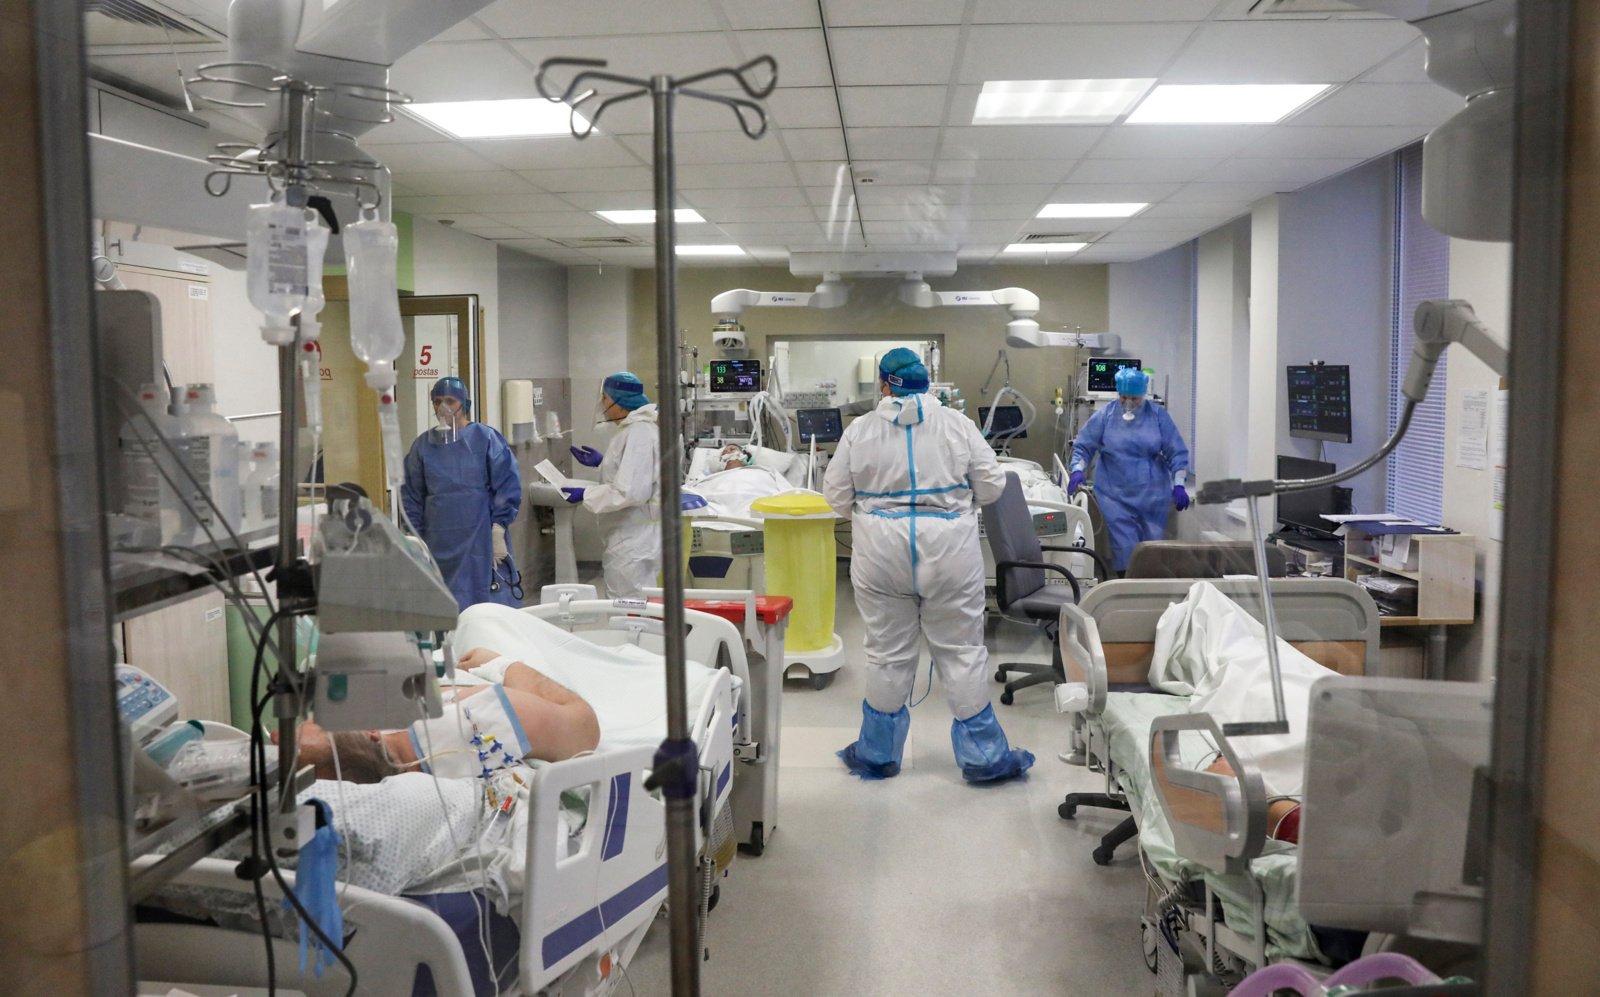 Šiaulių medikai: miestas serga, ištraukėme blogą bilietą